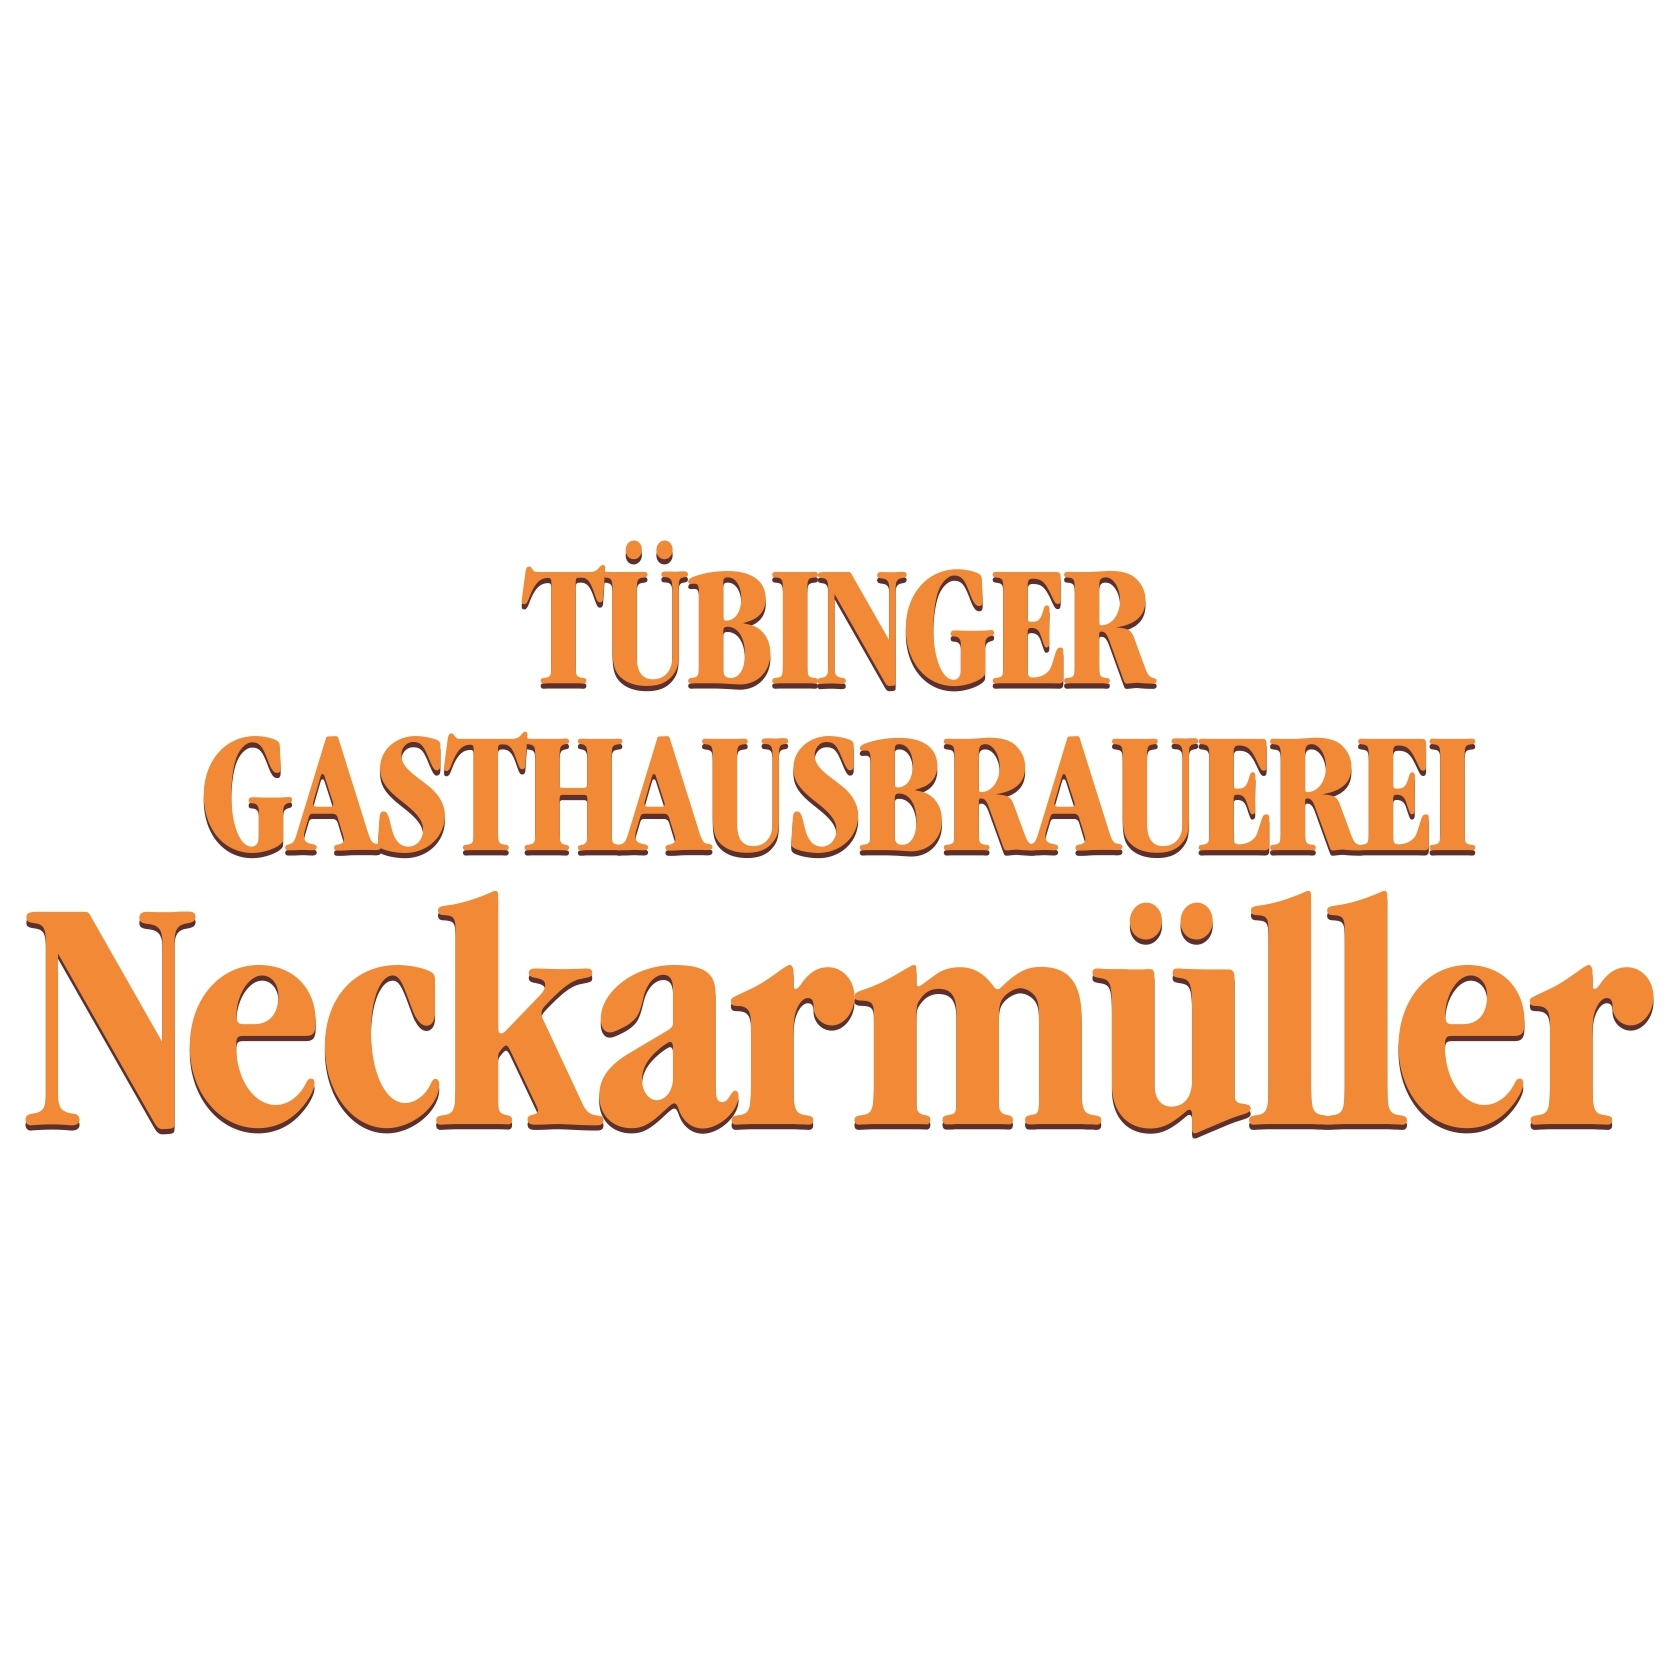 Bild zu Gasthausbrauerei Neckarmüller in Tübingen